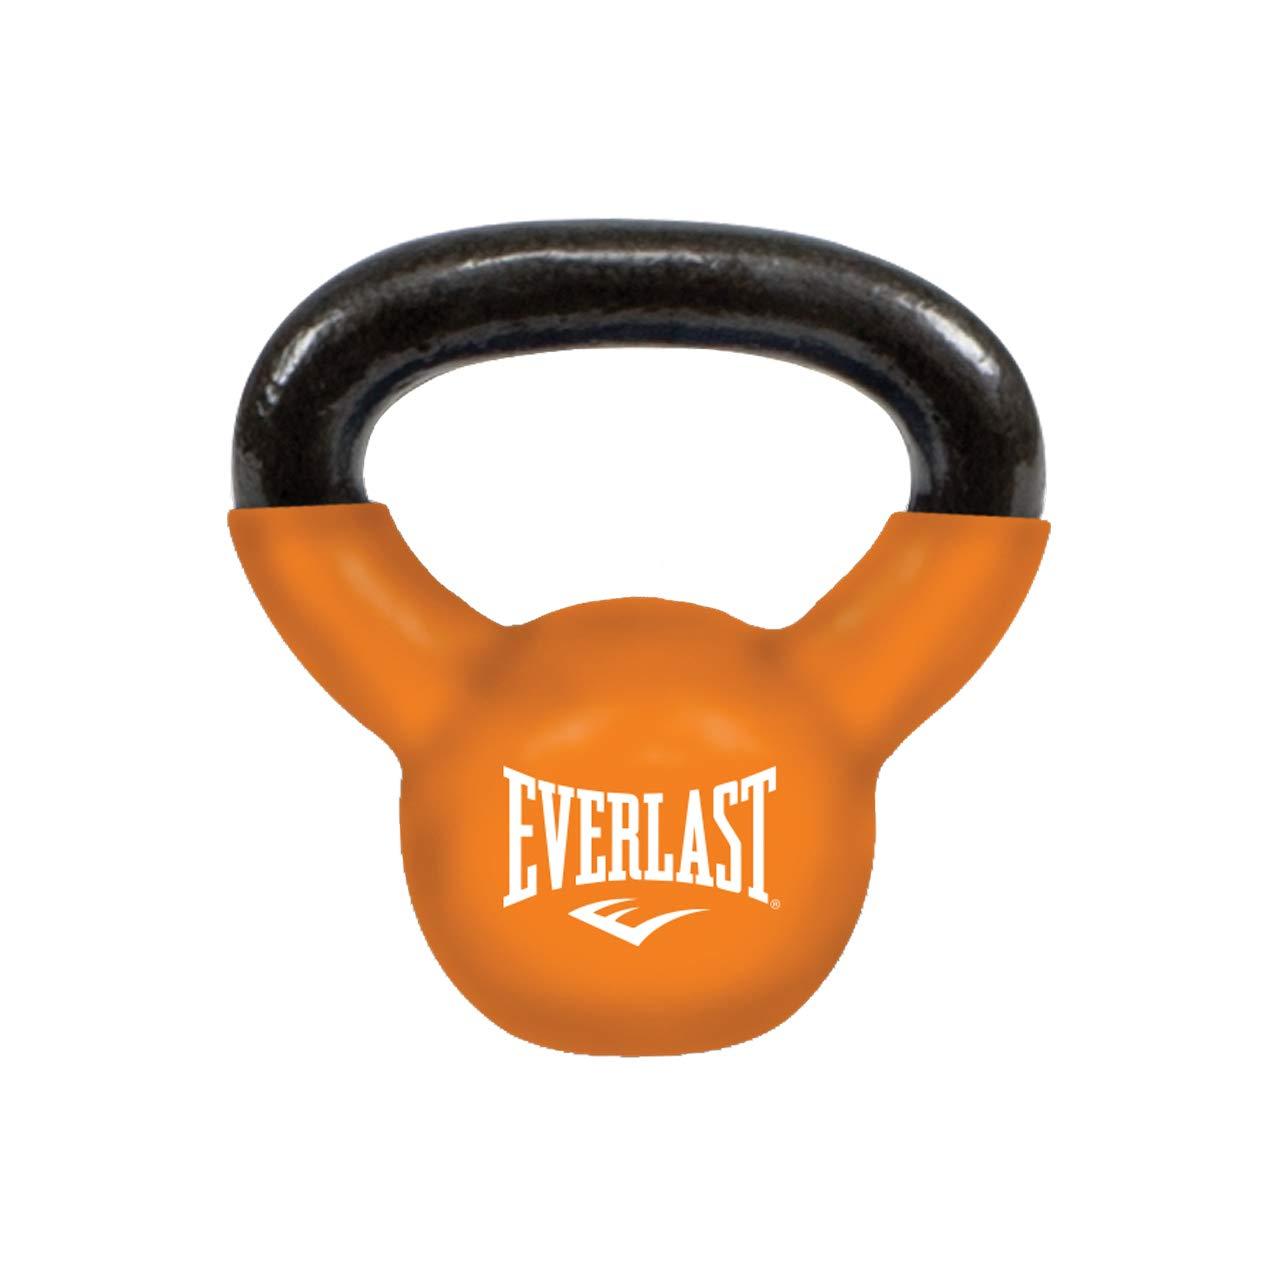 Everlast 20 lb Vinyl Dipped Kettlebell